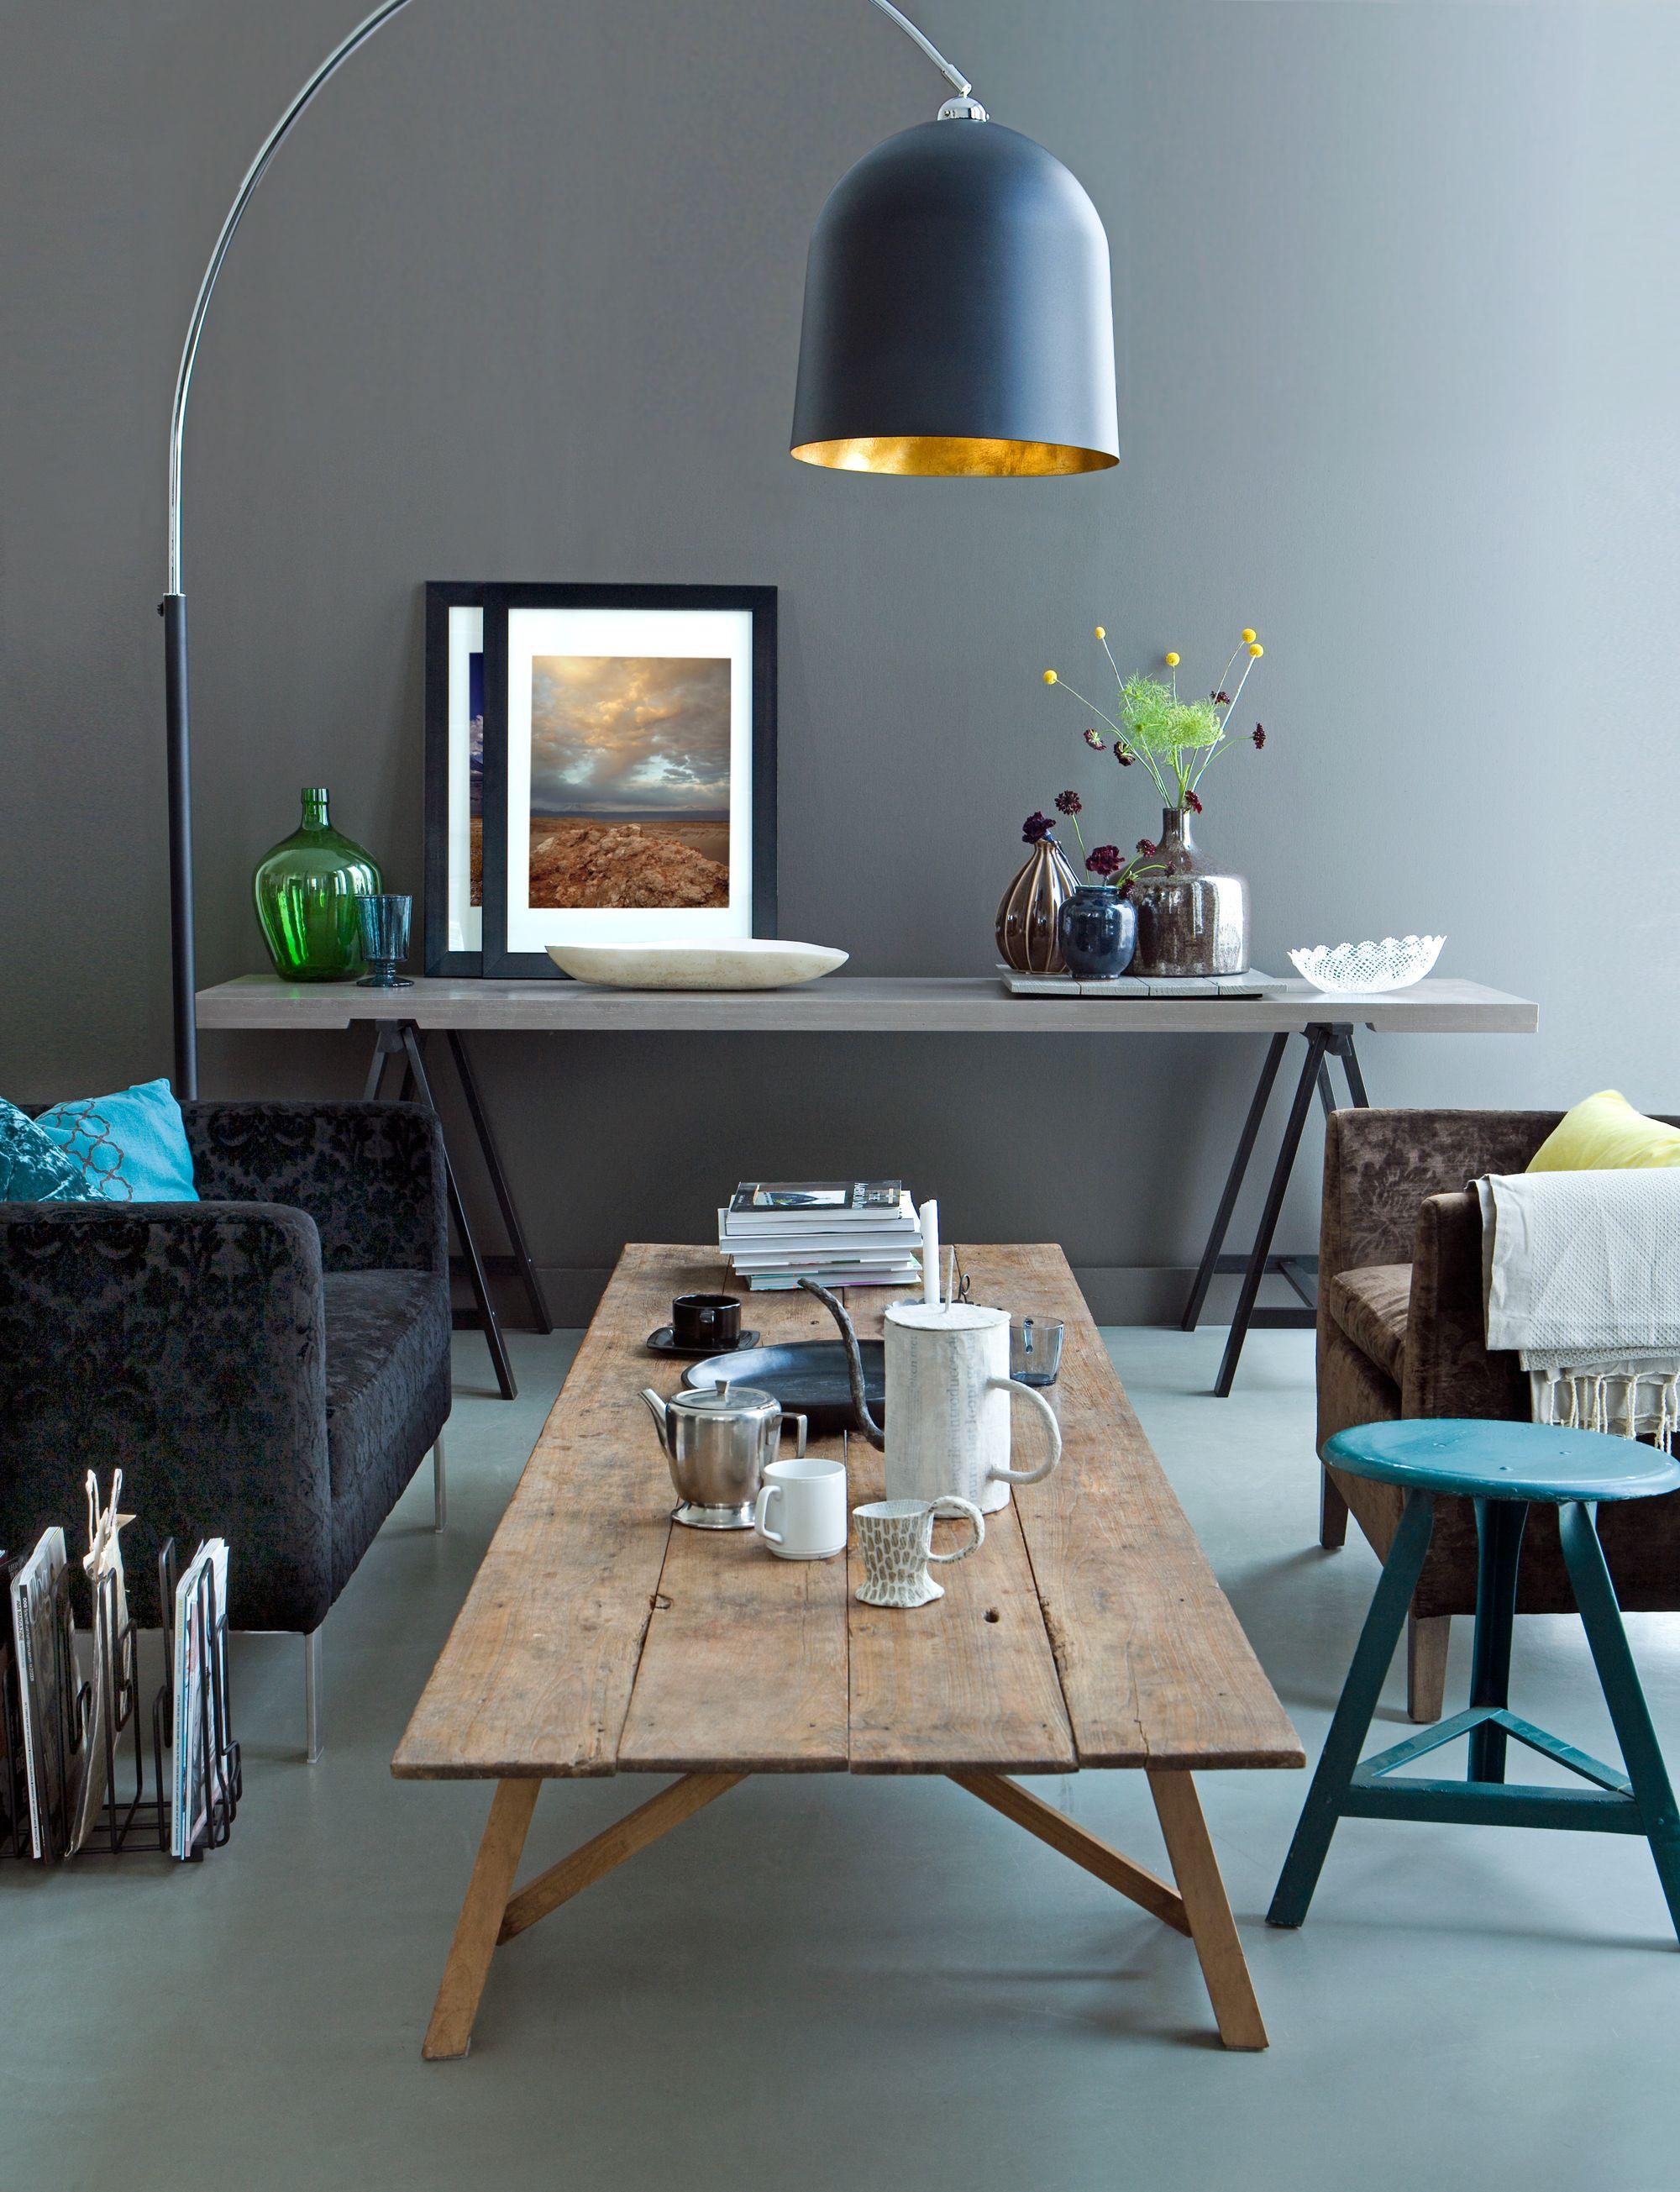 300be0422f1 Pin van RU . op De_cor - Lage tafels, Blauw interieur en Lampen eettafel